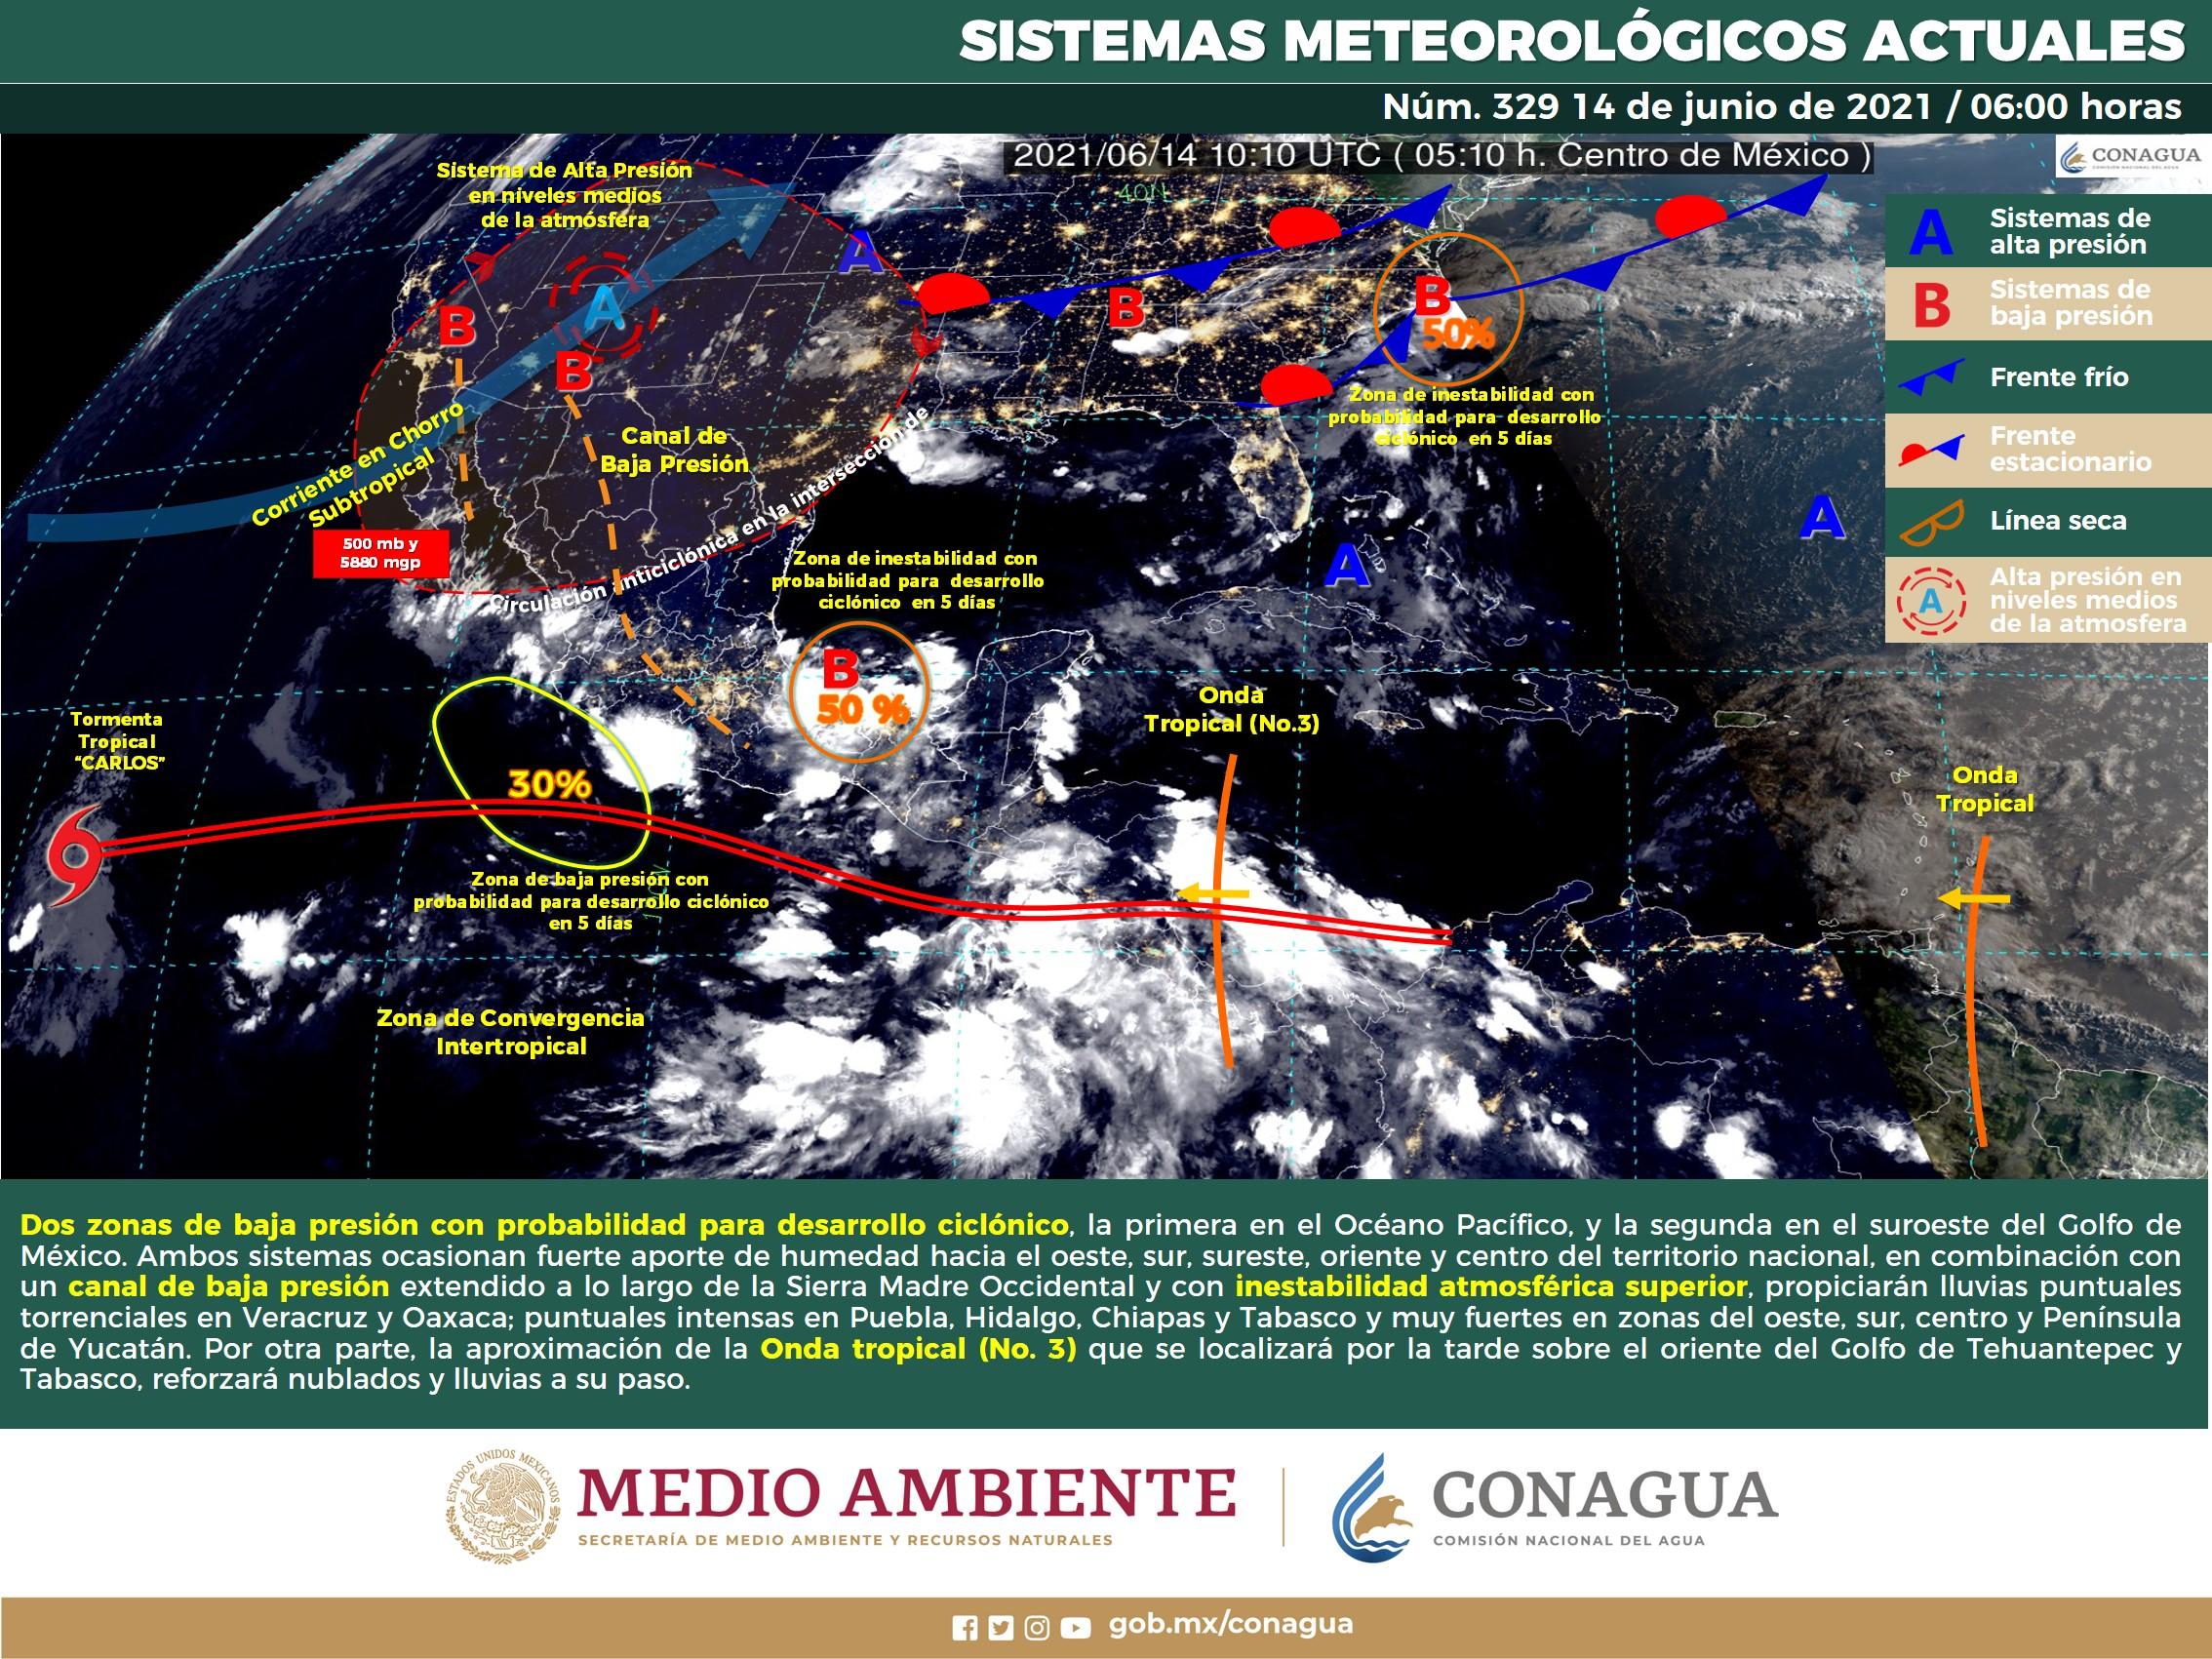 Pronostica SMN lluvias puntuales fuertes en Nayarit, Jalisco, Colima y Michoacán